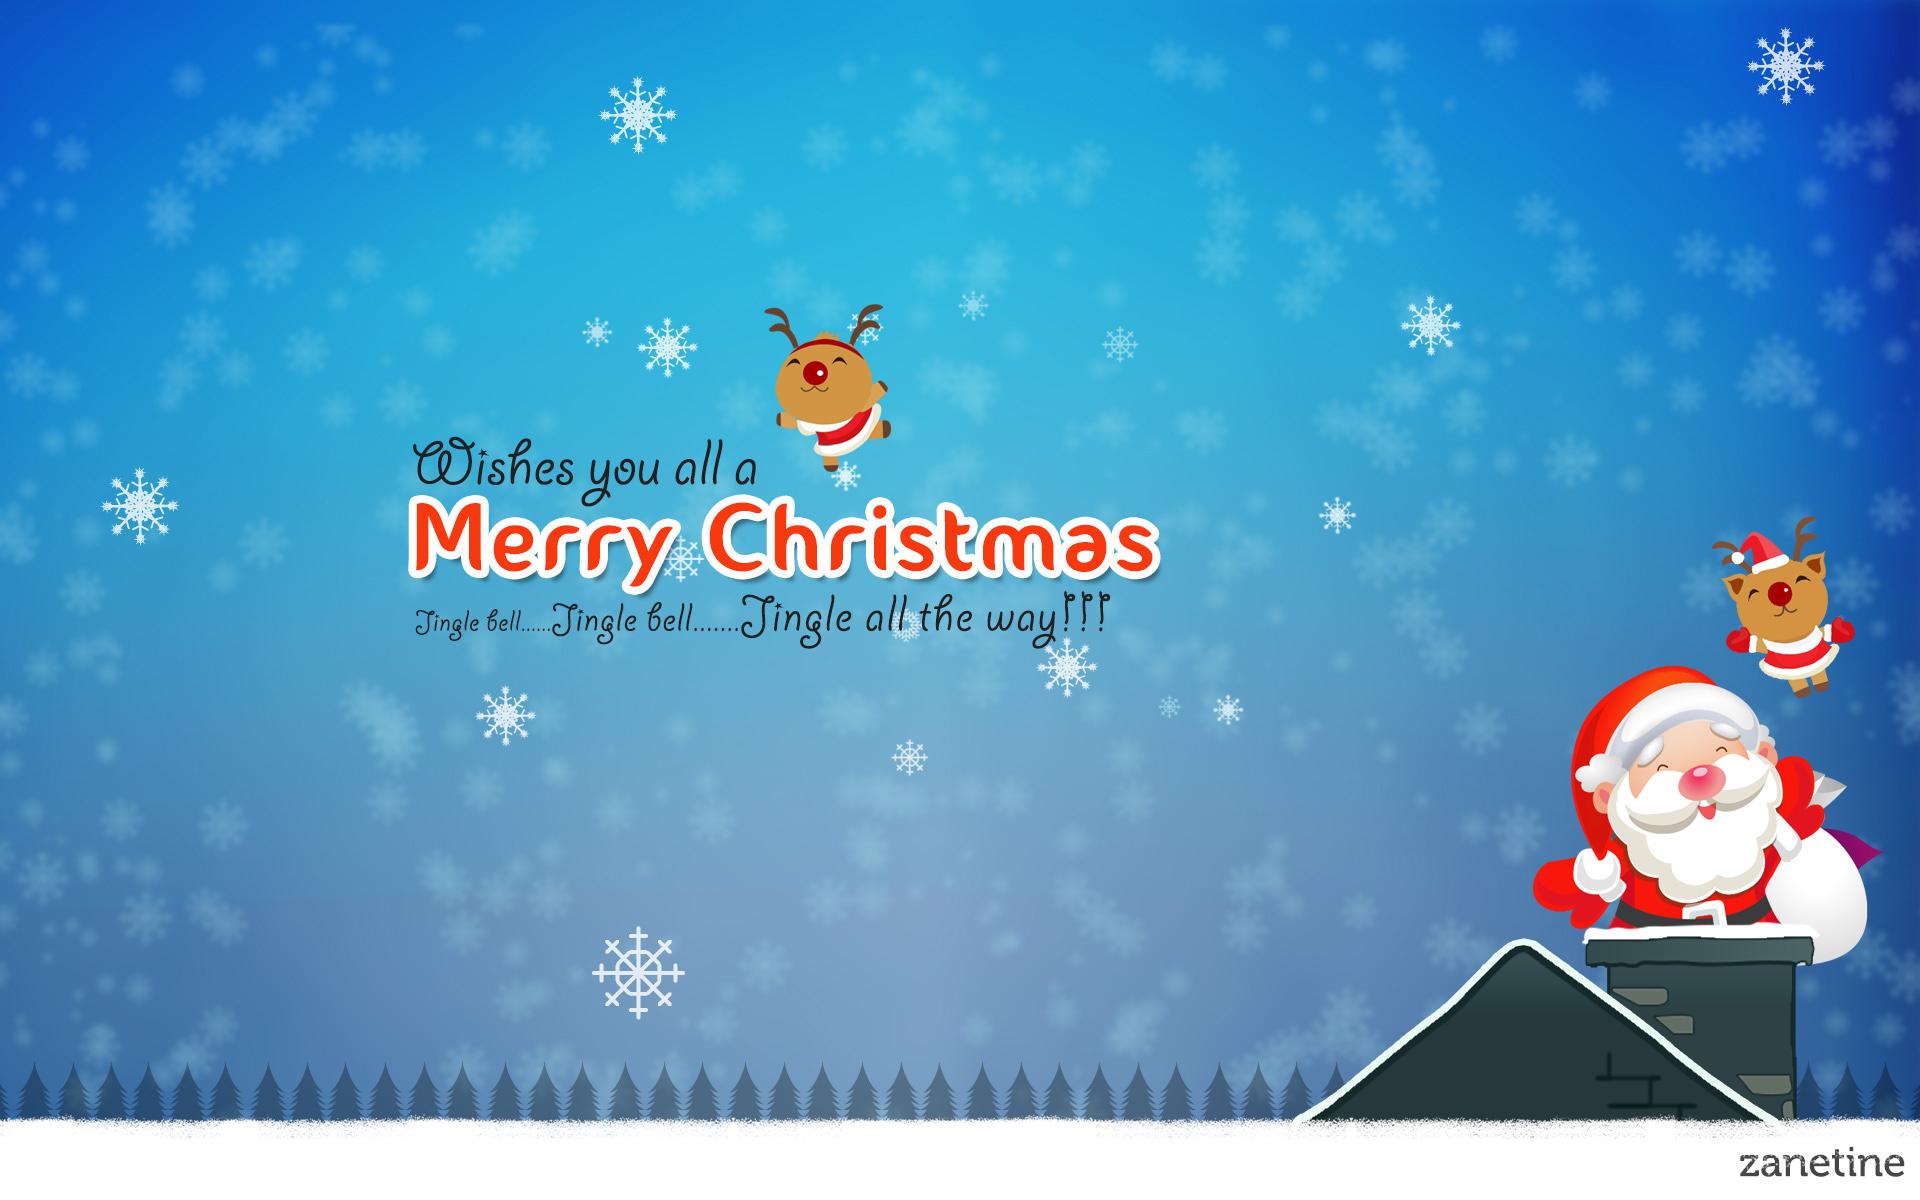 Merry Christmas Jingle Bells Wallpaper - Jingle Bell Merry Christmas , HD Wallpaper & Backgrounds